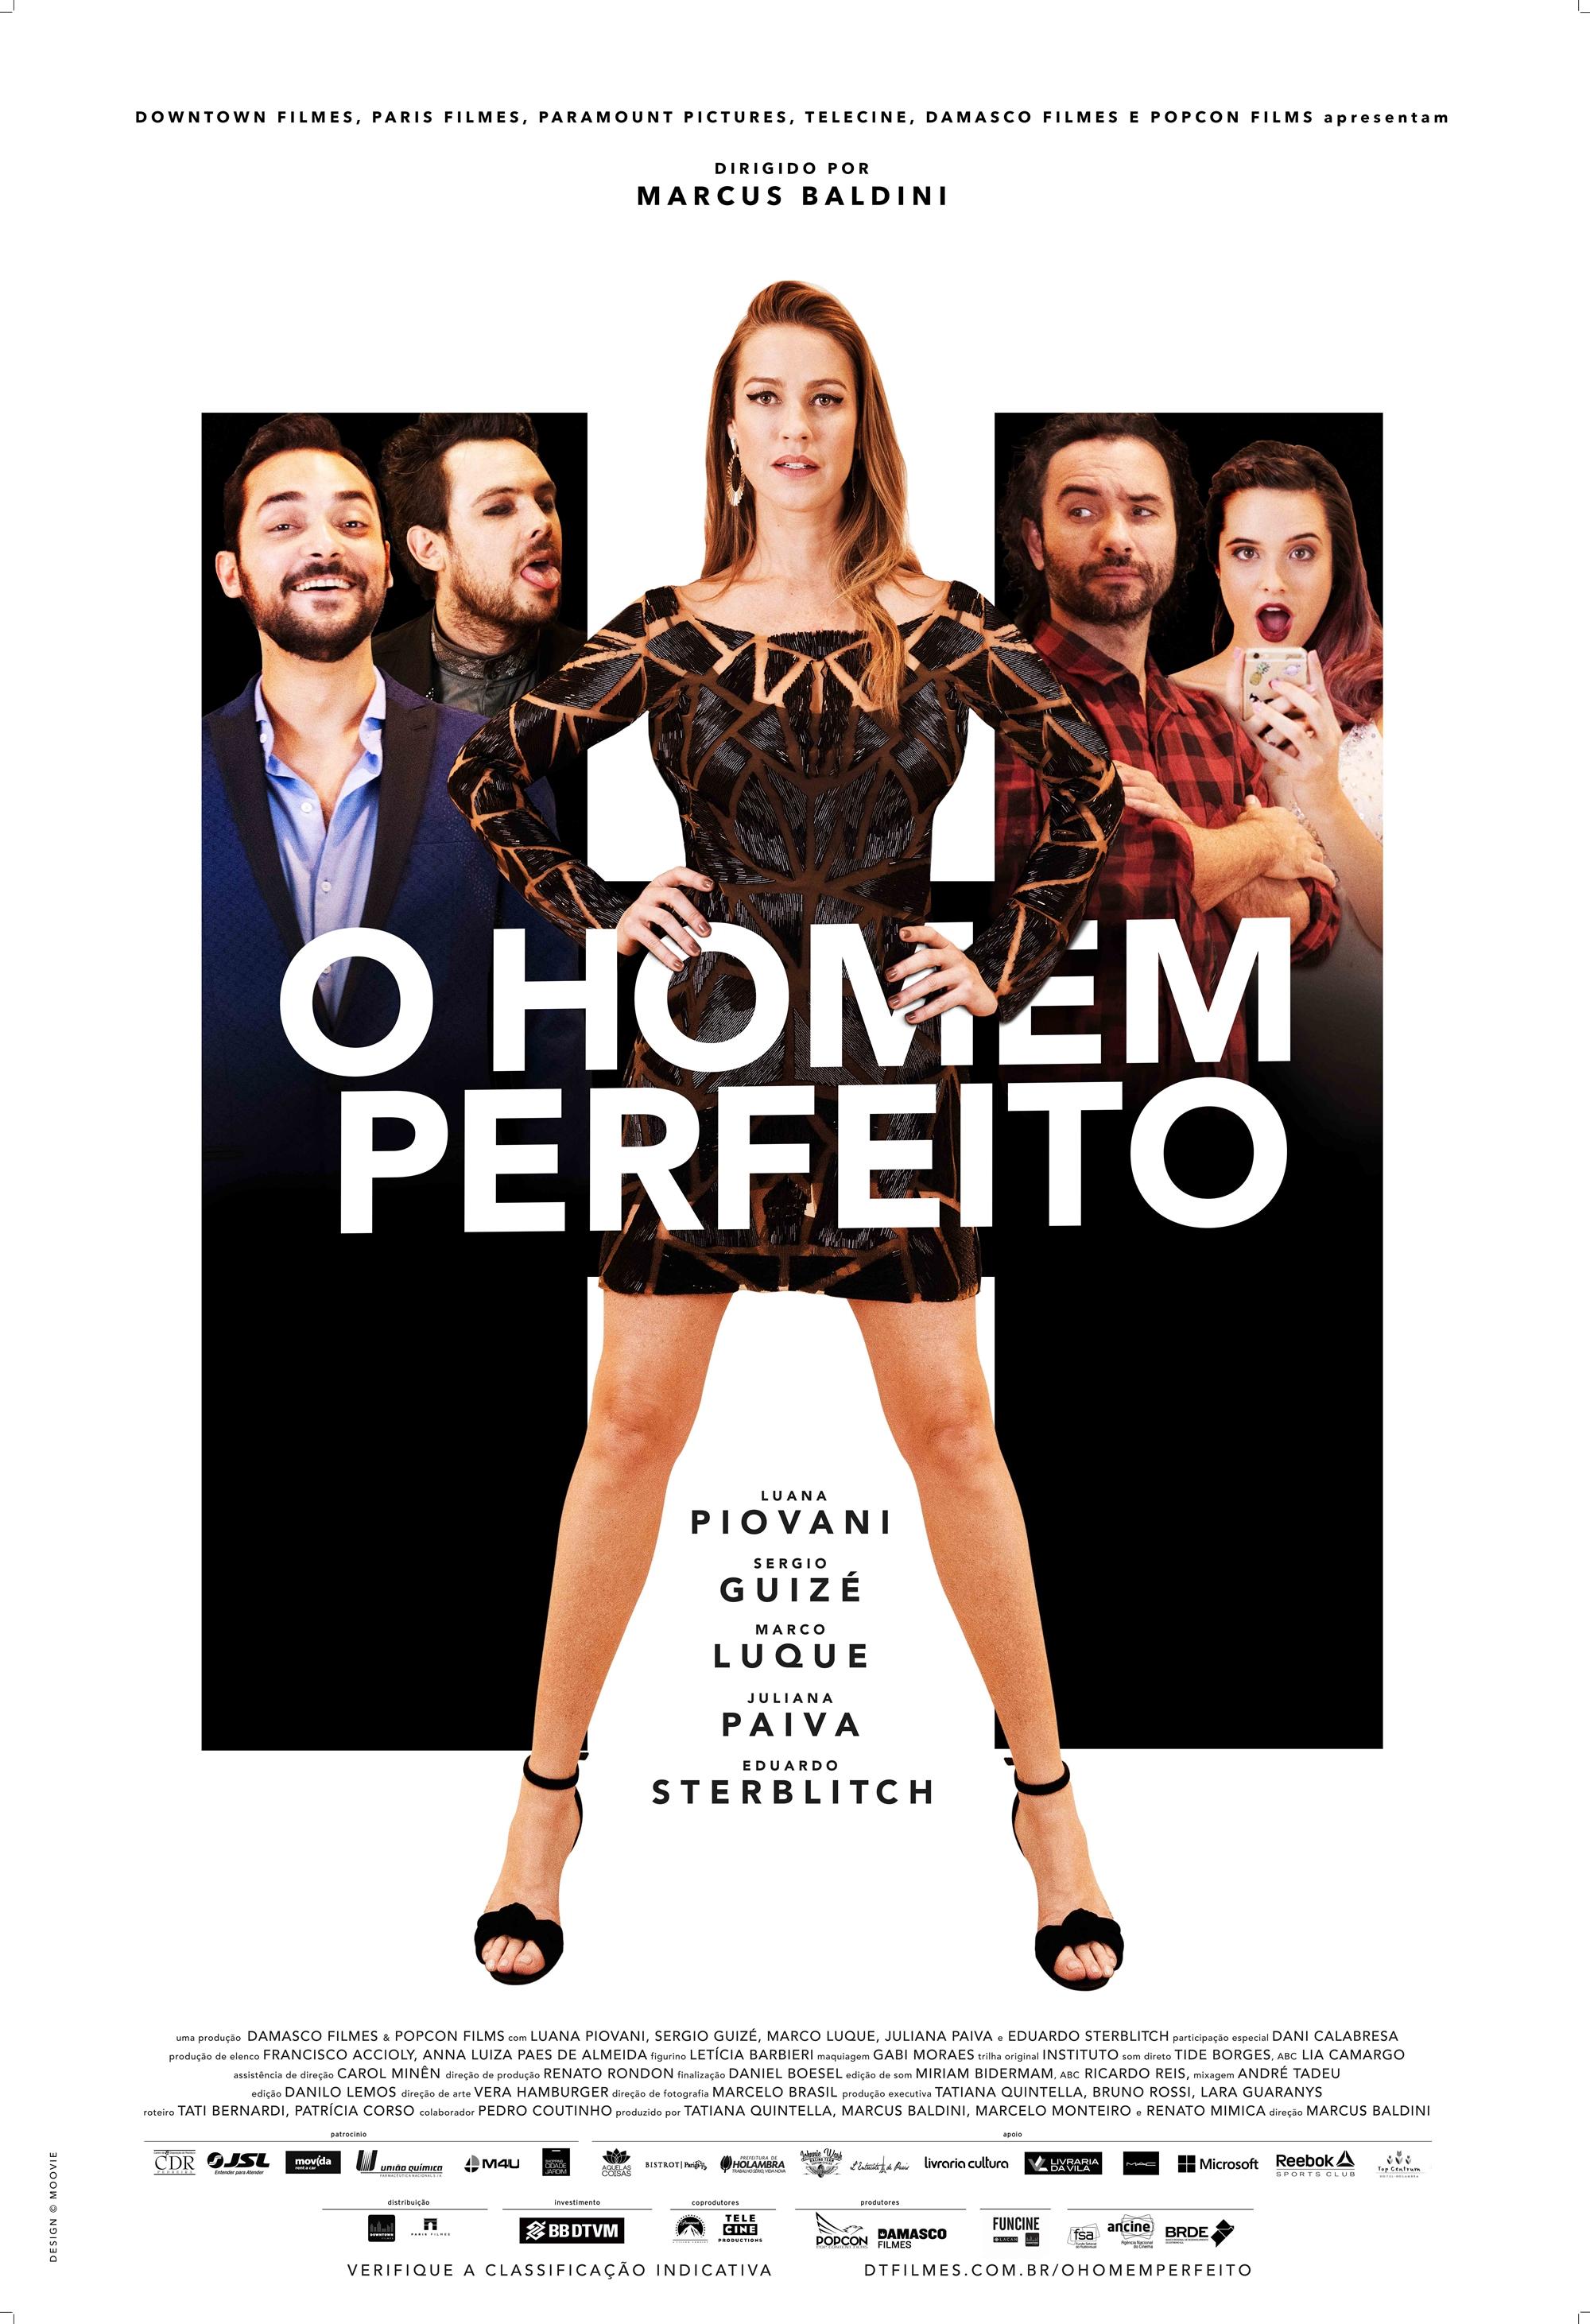 O Homem Perfeito [Nac] – IMDB 6.3